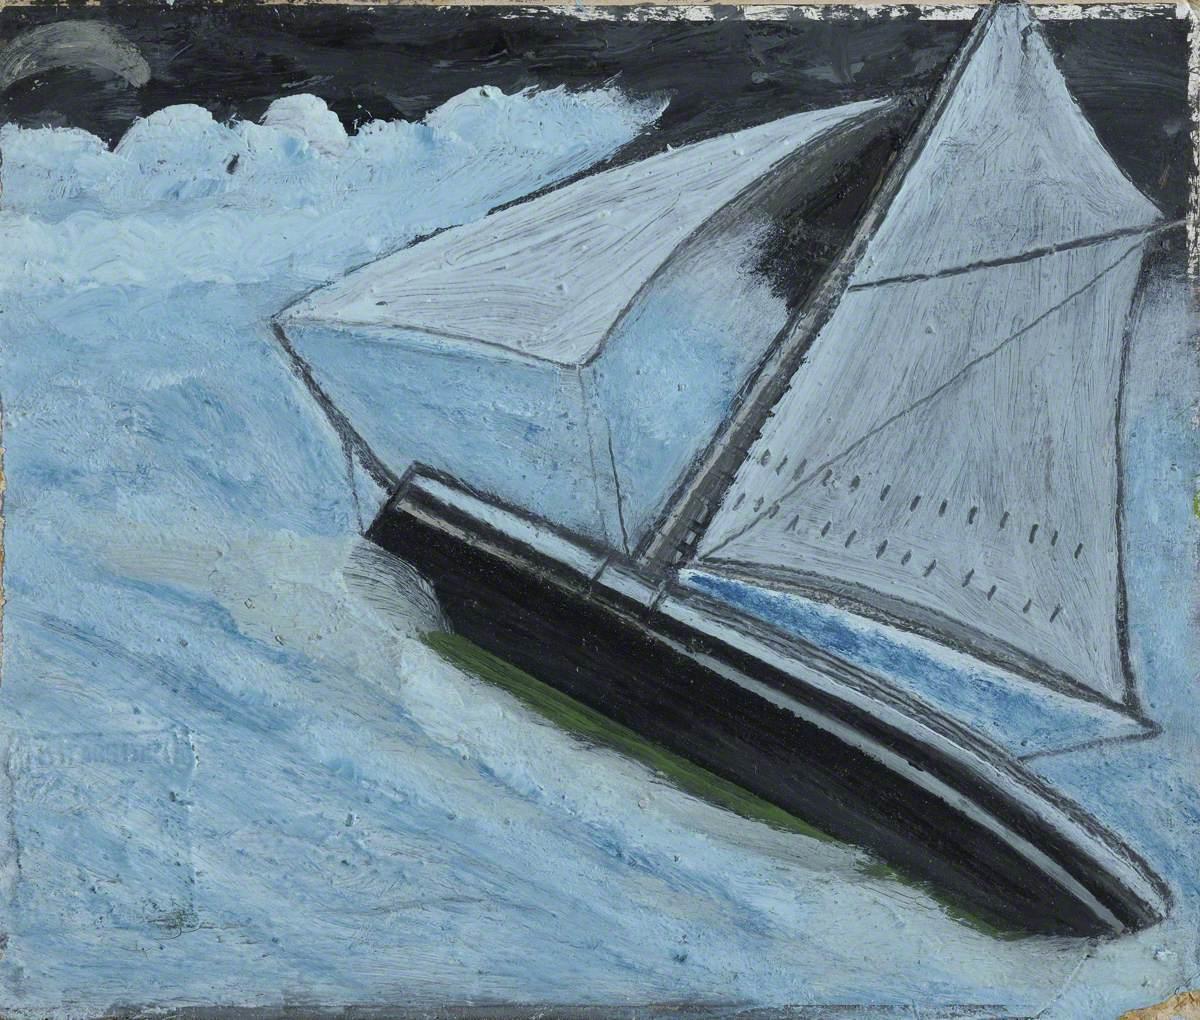 Small Boat in a Rough Sea